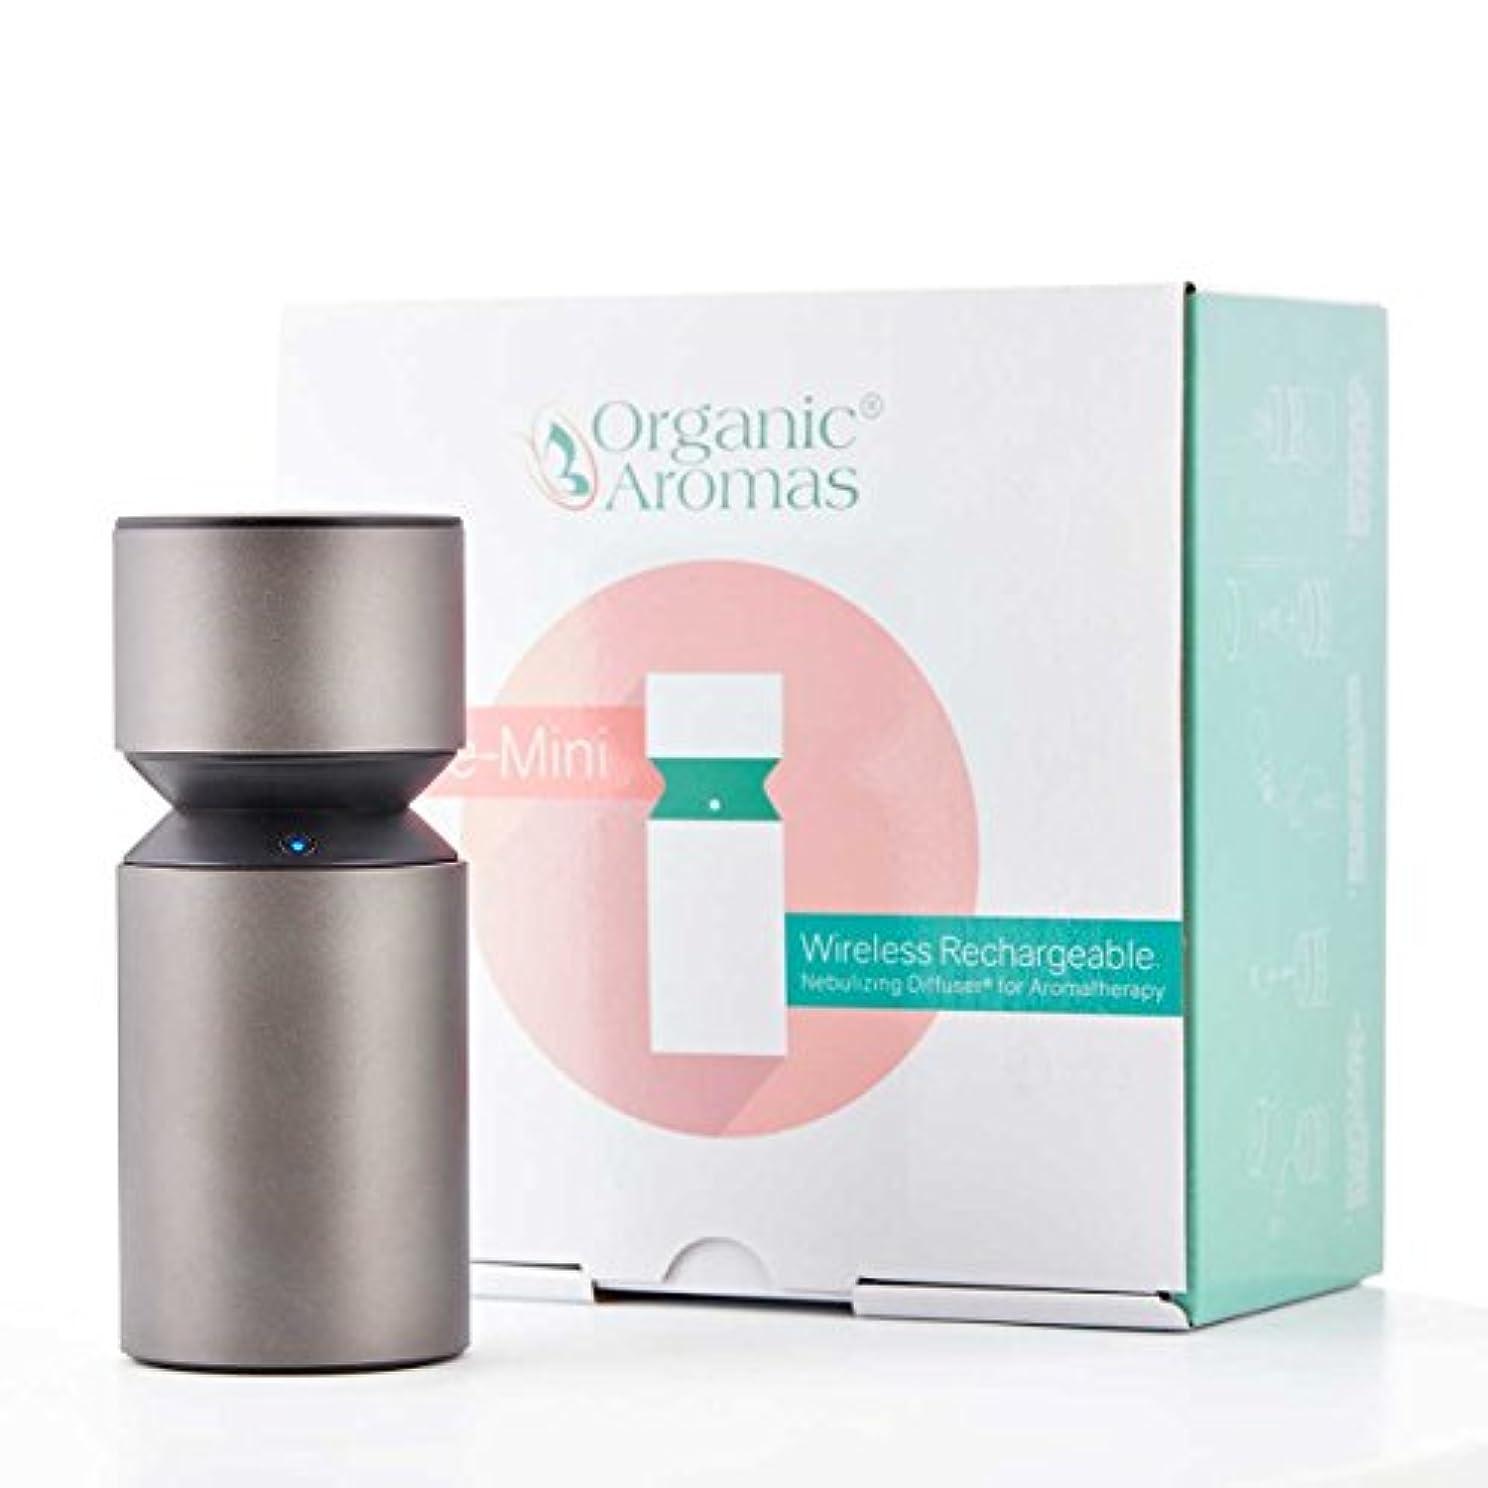 予感かわすリスナーOrganic Aromas アロマテラピー用モバイルミニ 2.0ワイヤレス充電式噴霧ディフューザー 1